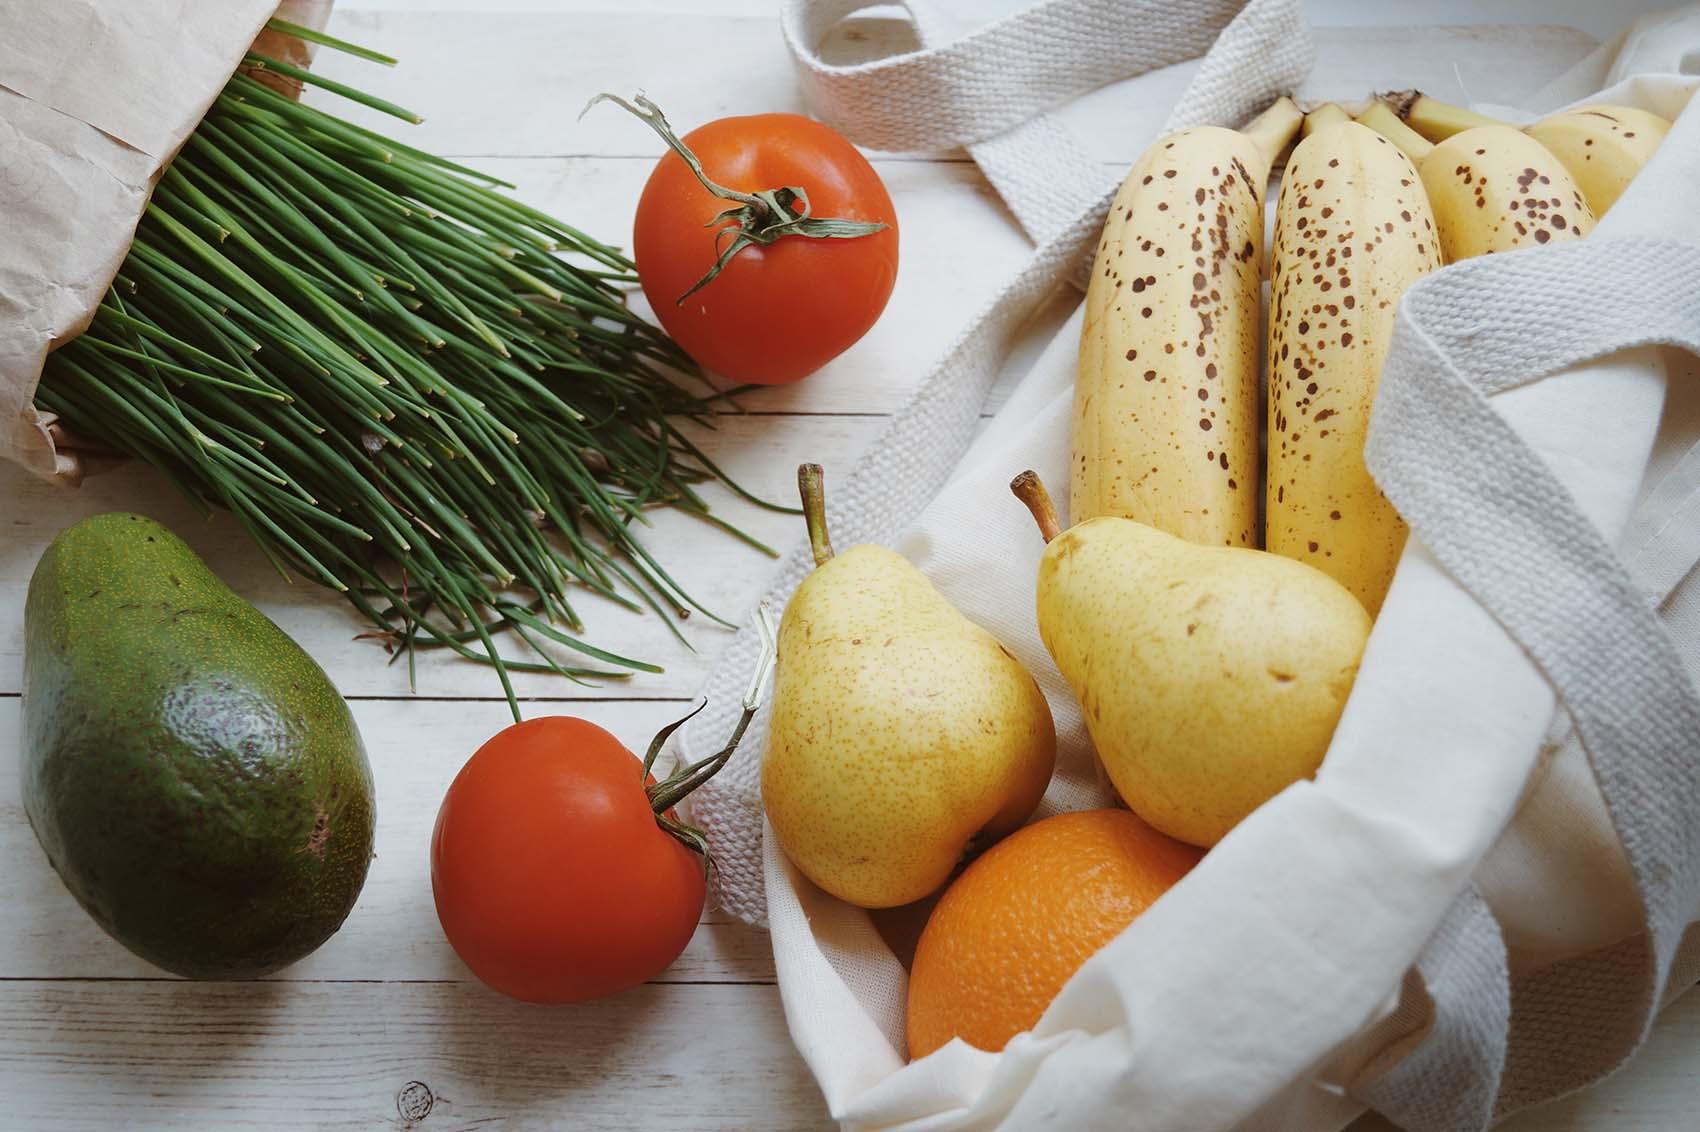 【ロータス東和オート】宮古島で生産された野菜をお客様にプレゼントし、経済のバトンをつないでいく取り組み